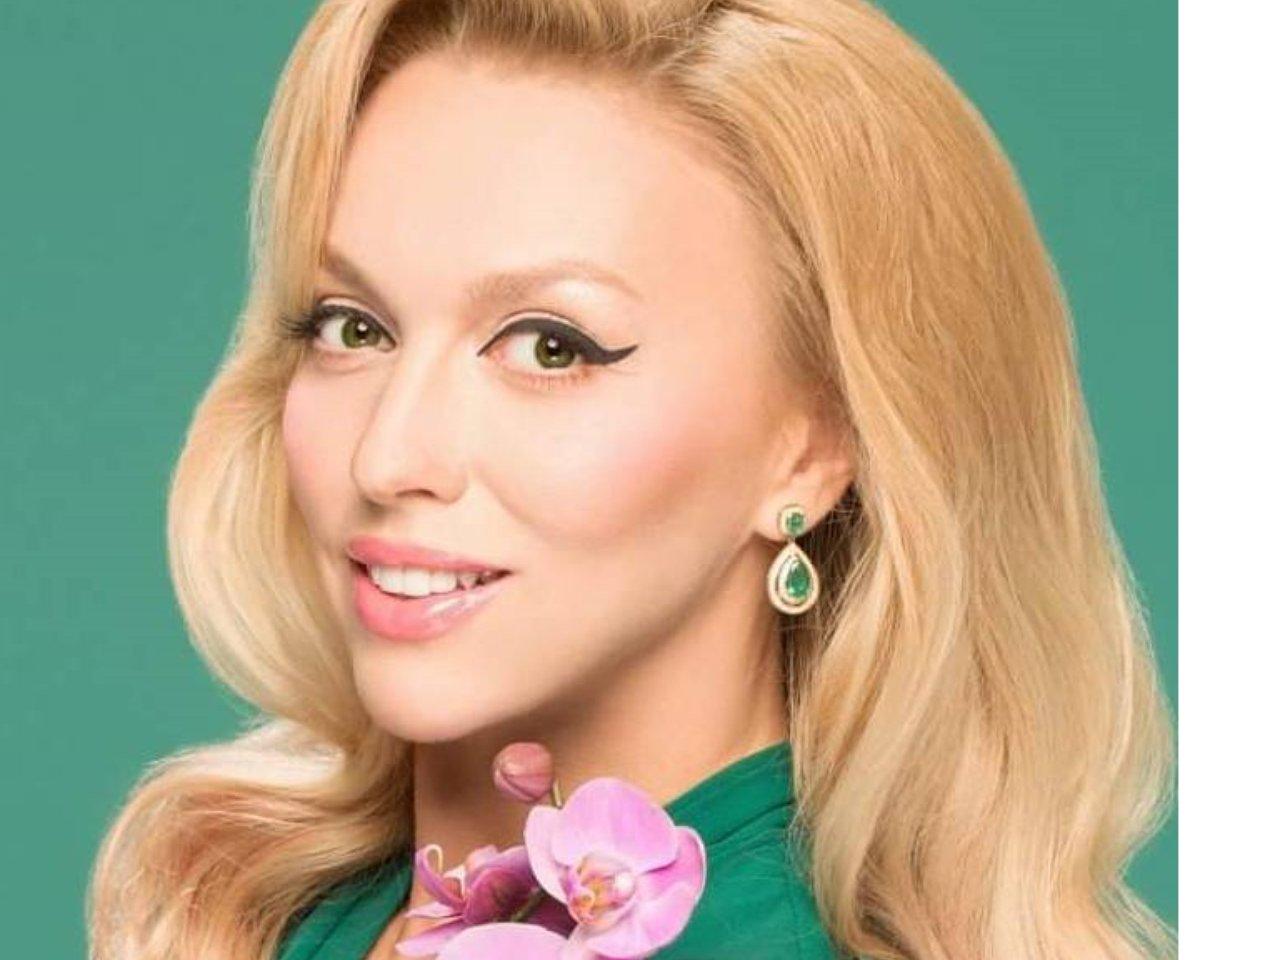 Оля Полякова обвинила Ники Минаж в плагиате